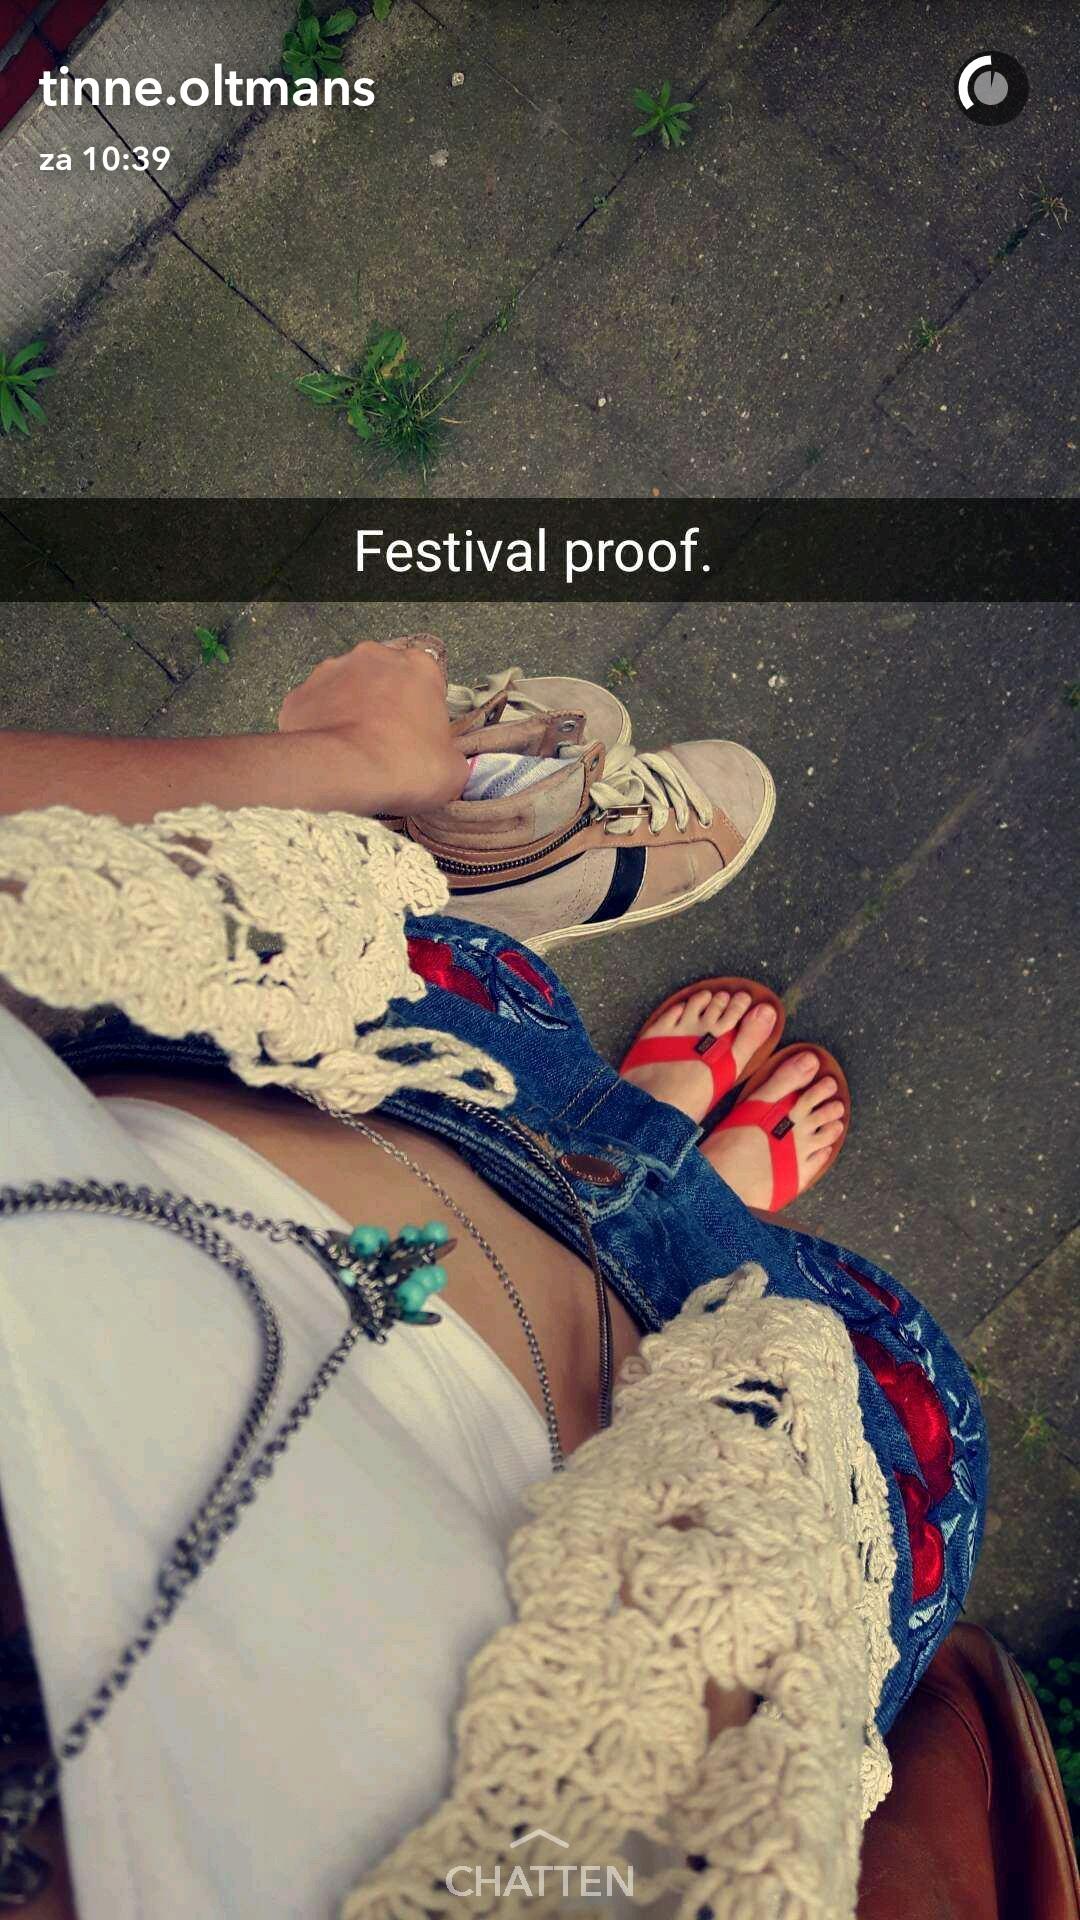 Tinne Oltmans's Feet